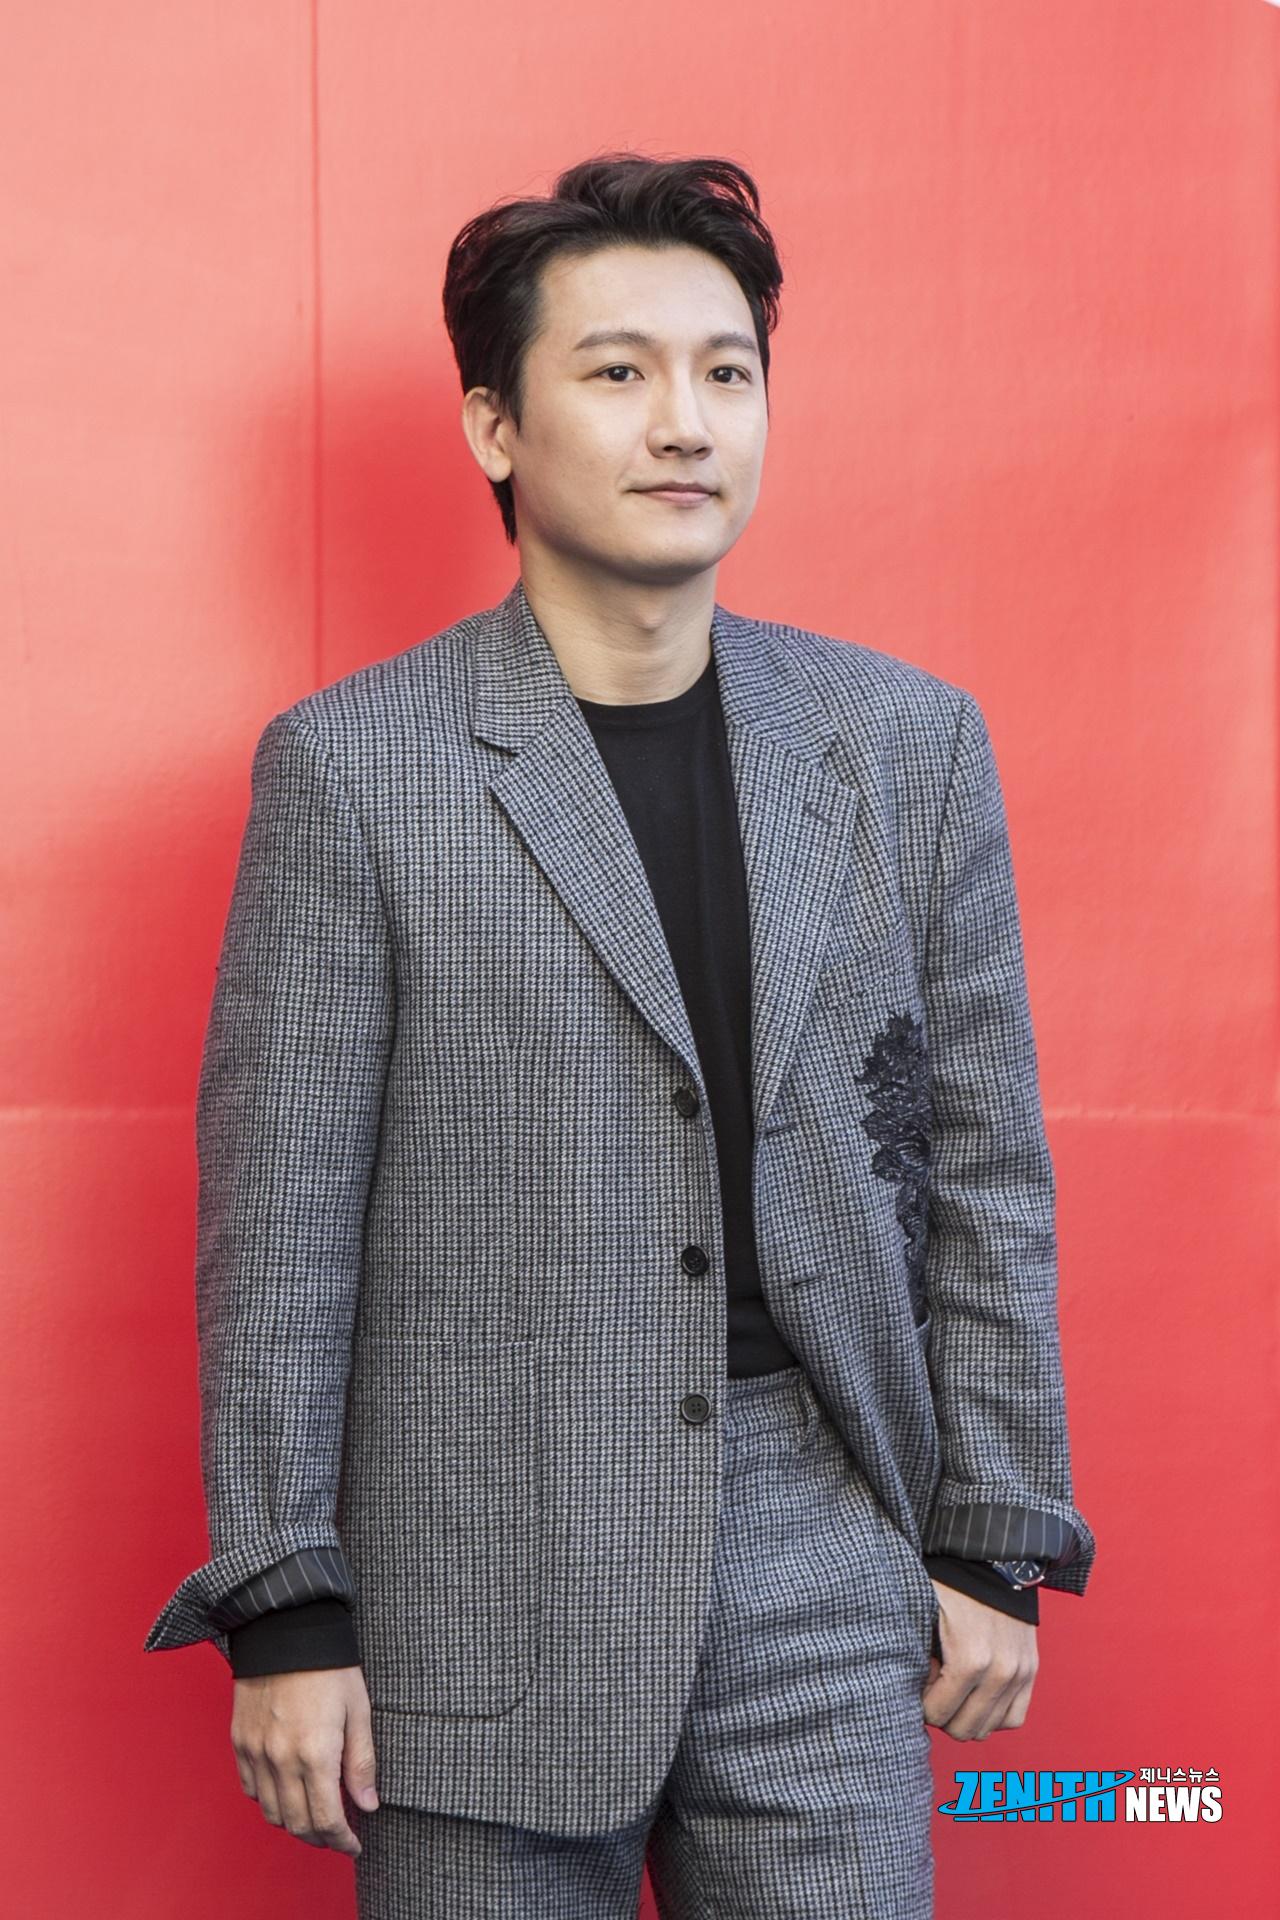 김경표 - 송종호 - 신재하 - 황치열 - 김준형